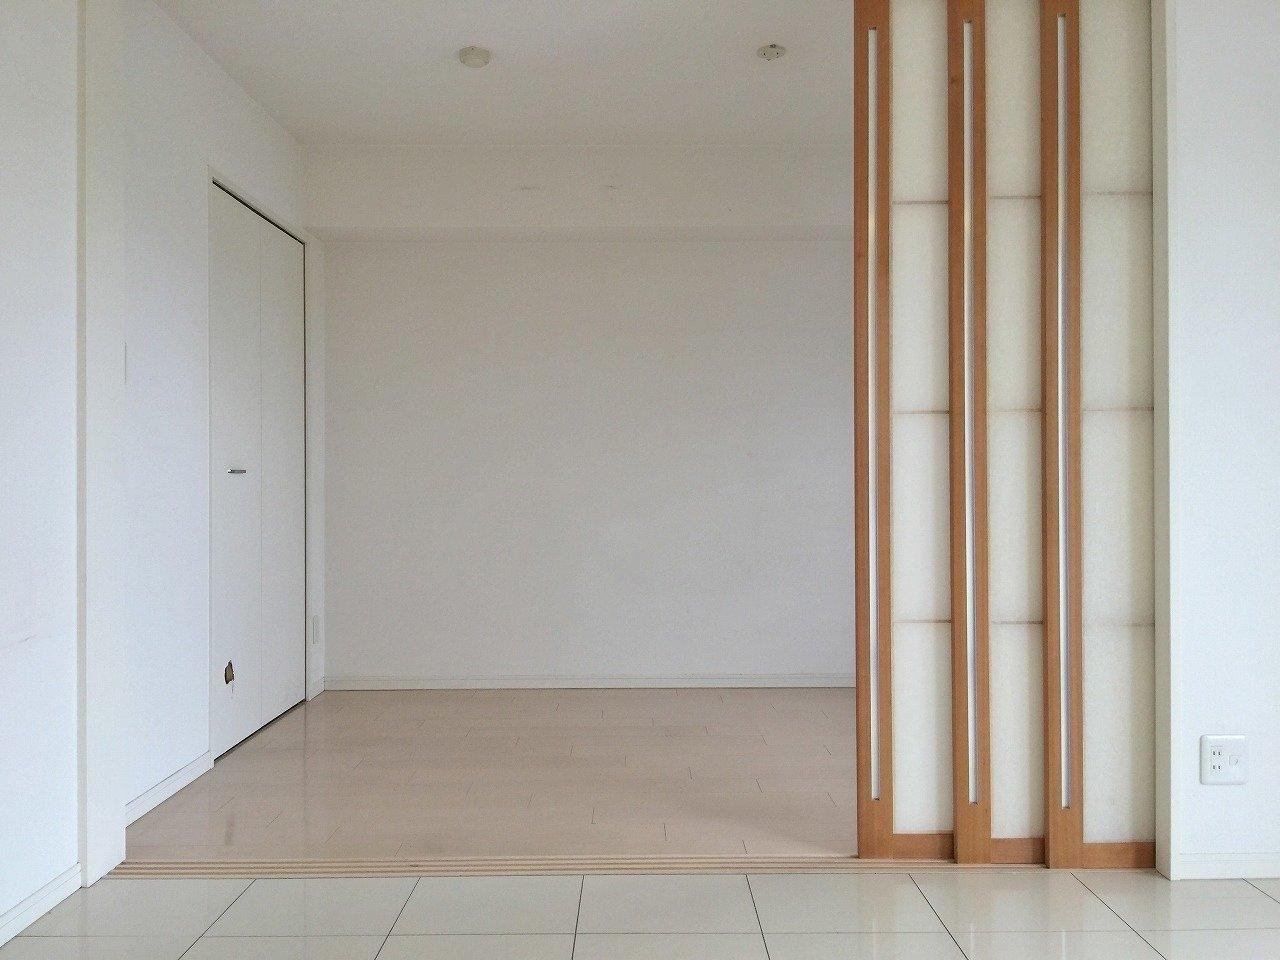 もう一つある洋室は寝室に。ダイニングキッチンとの仕切りはふすまのような和モダンなデザインになっています。